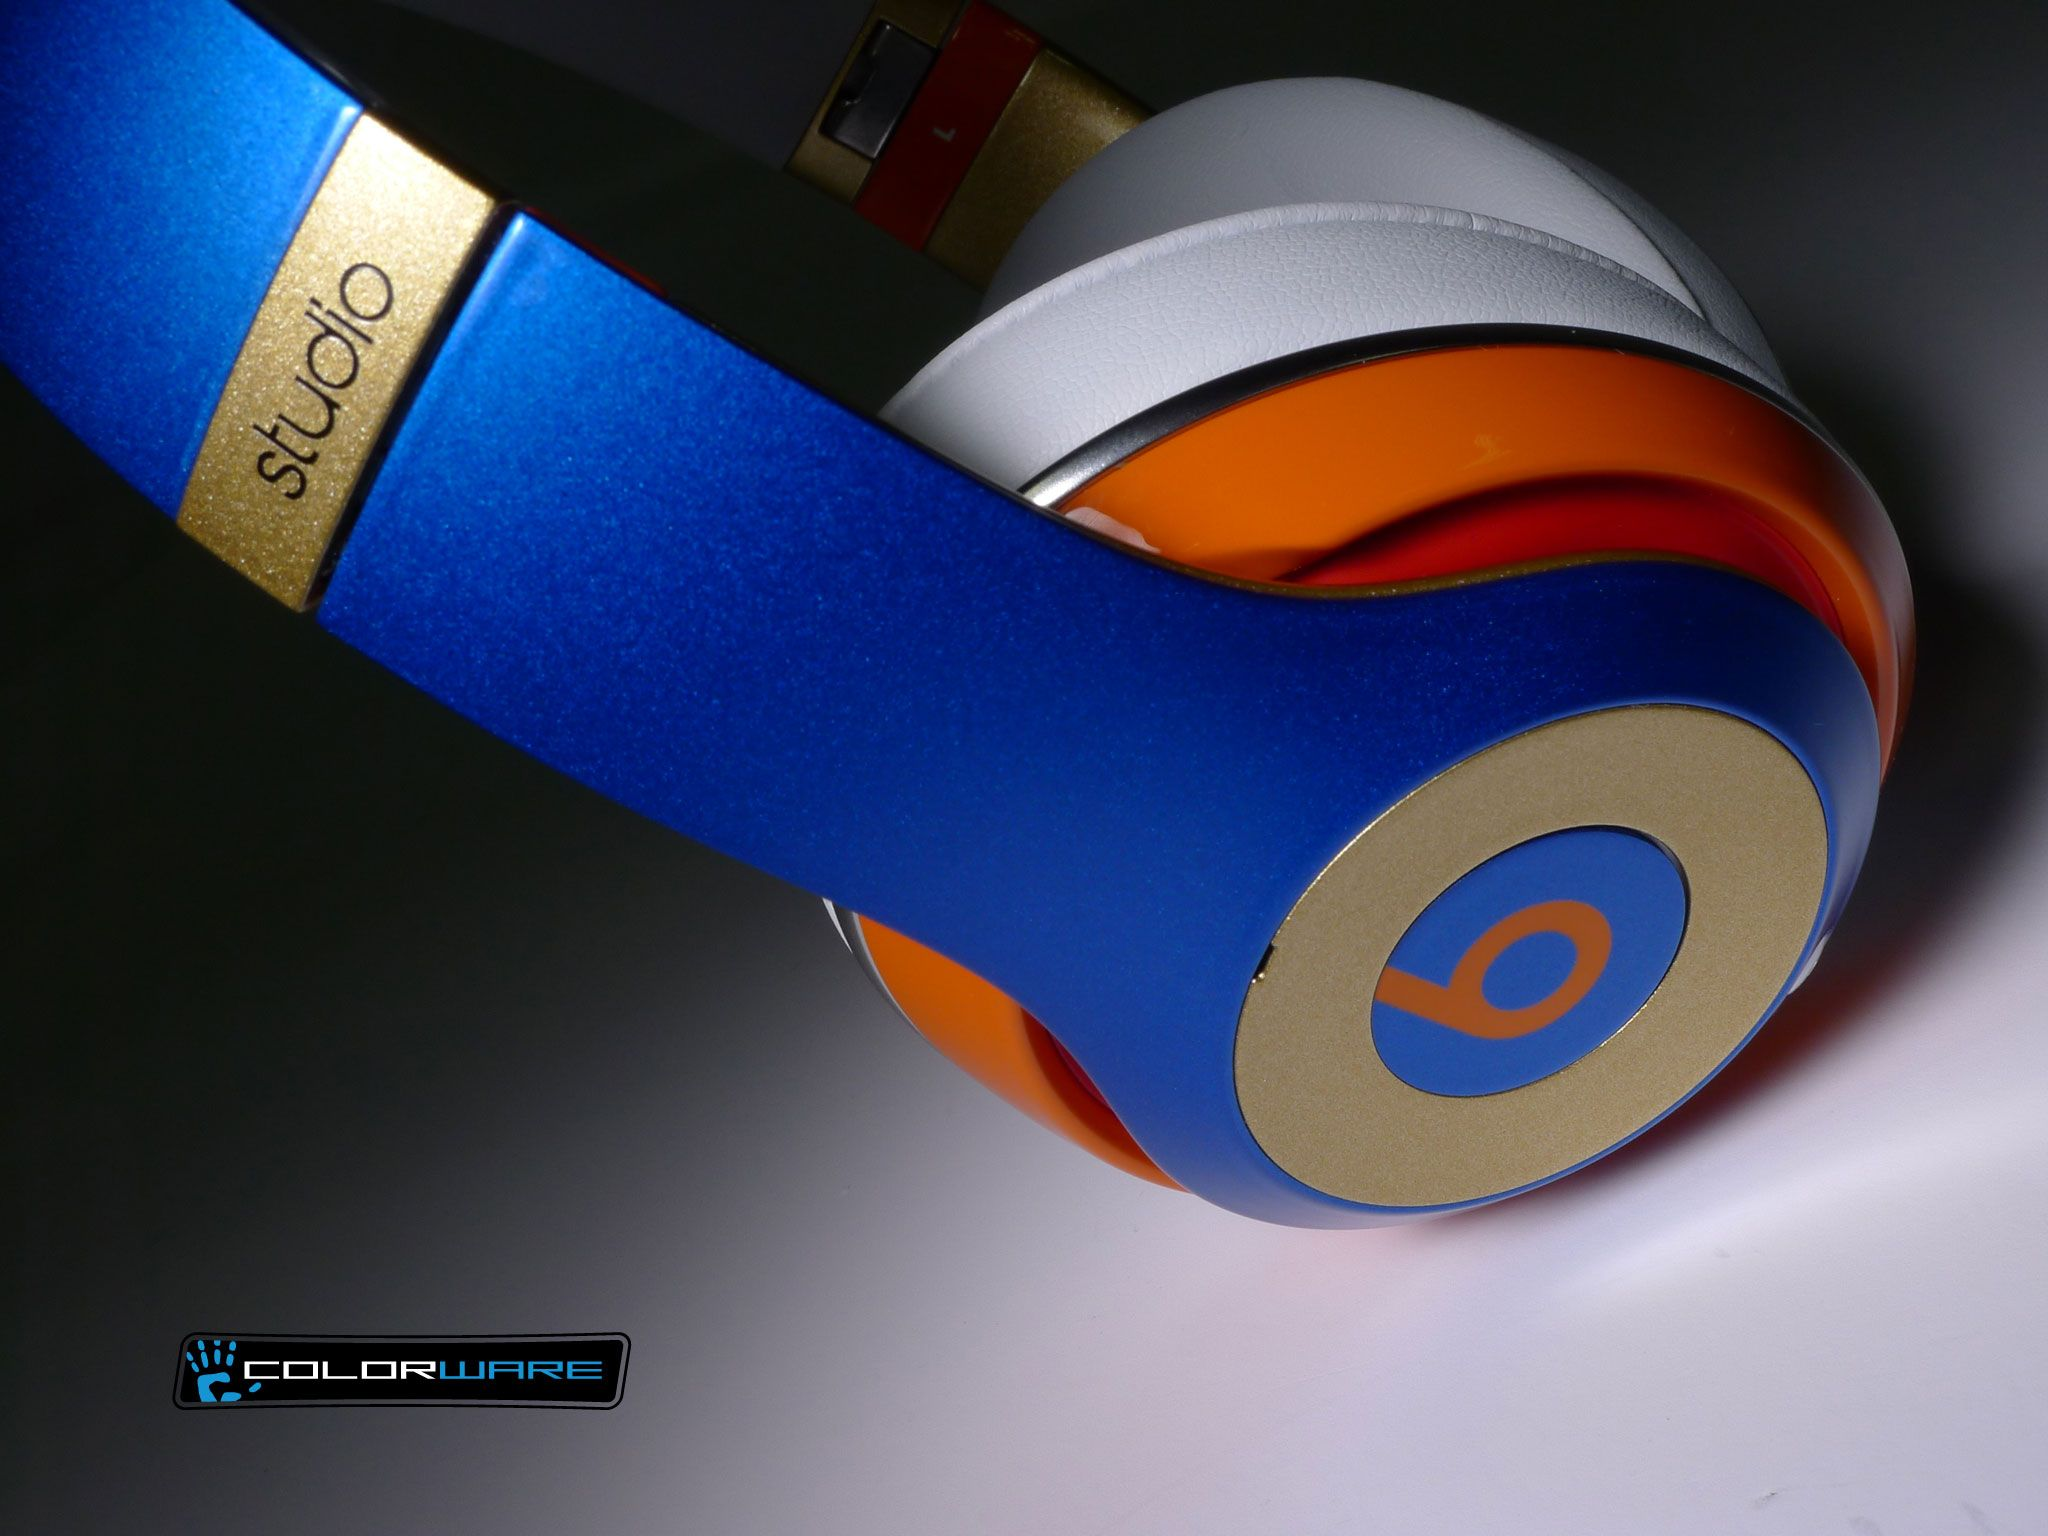 Get the new Beats Studio headphones in your favorite color!